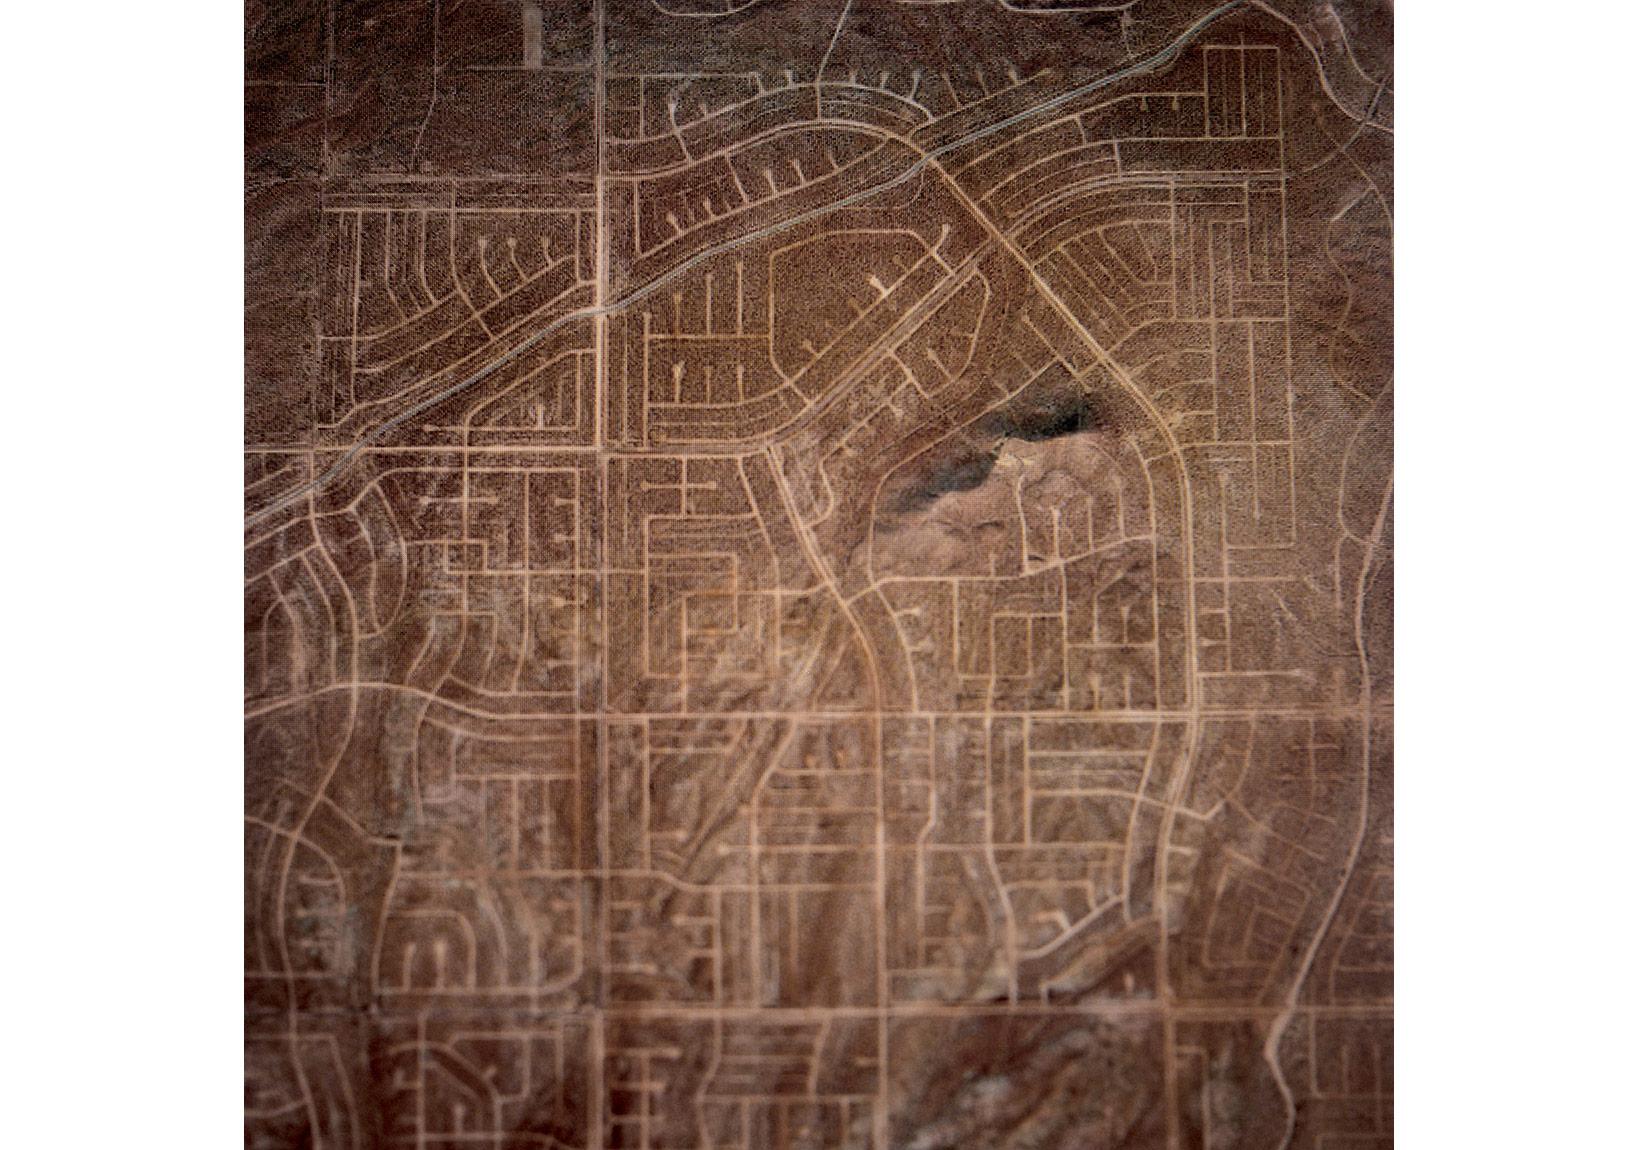 'Ters Yıkıntılar', 2012 © Mona Kuhn, Digital Globe izniyle